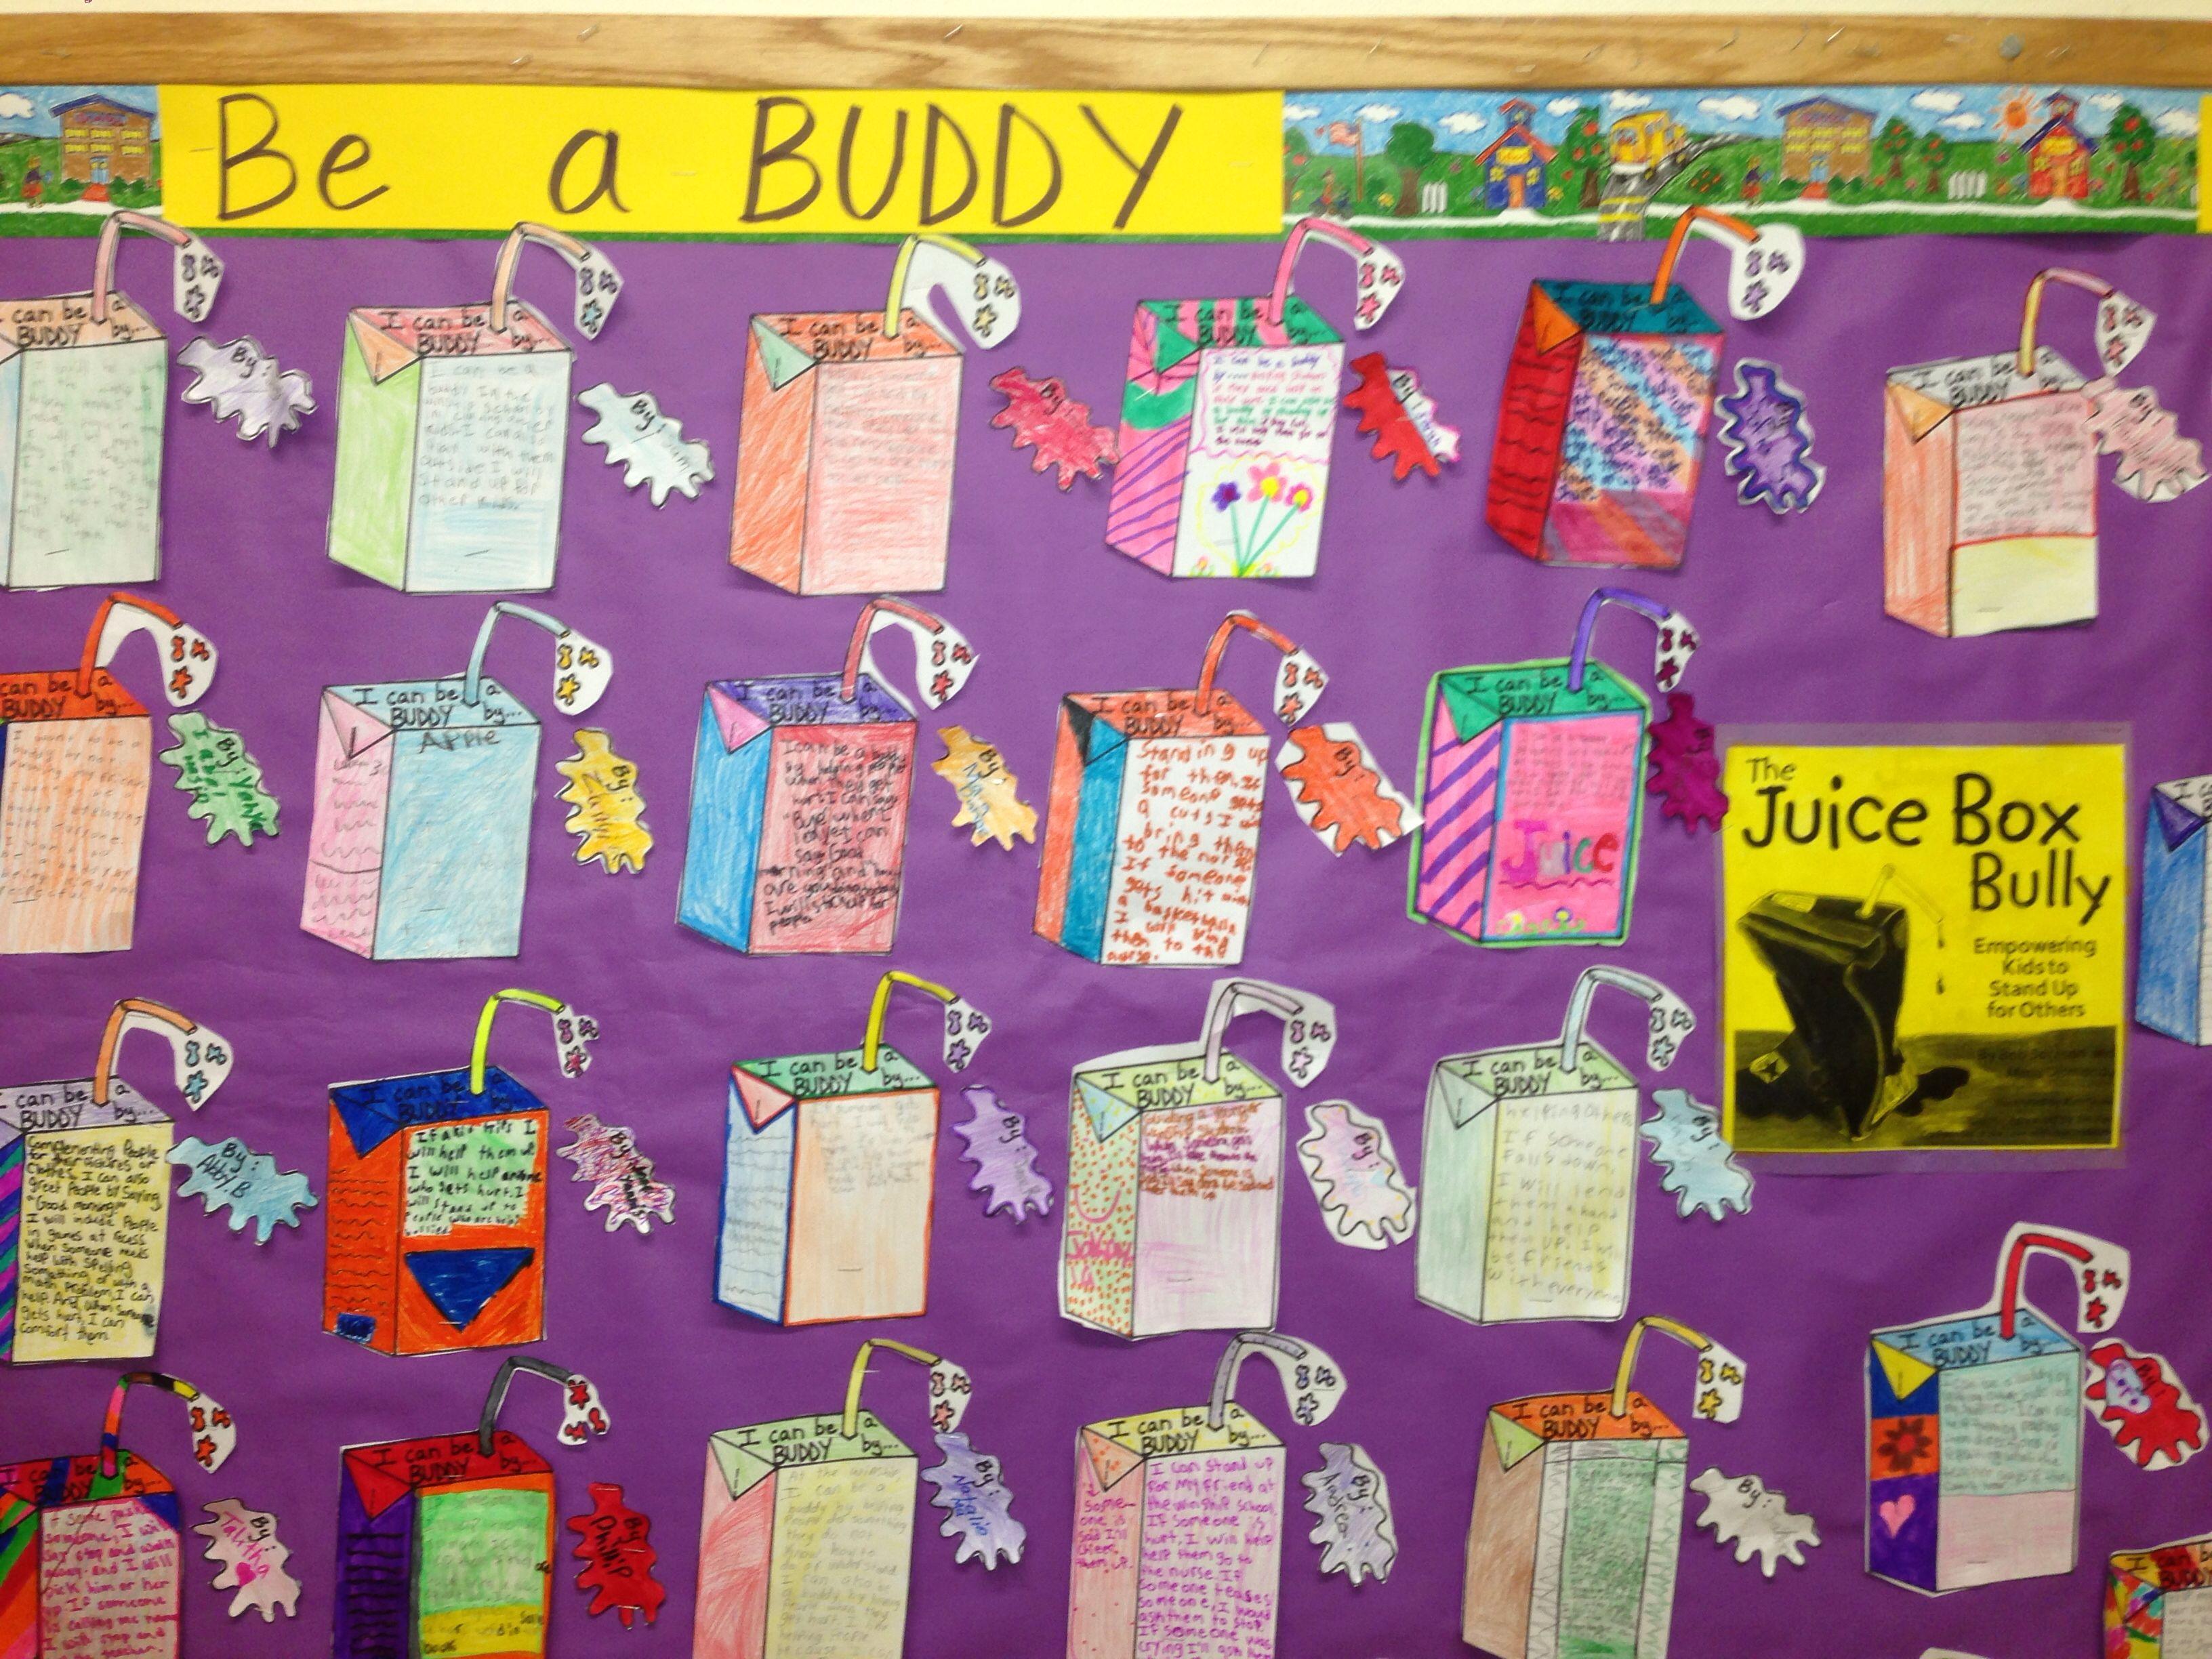 The Juice Box Bully Activity